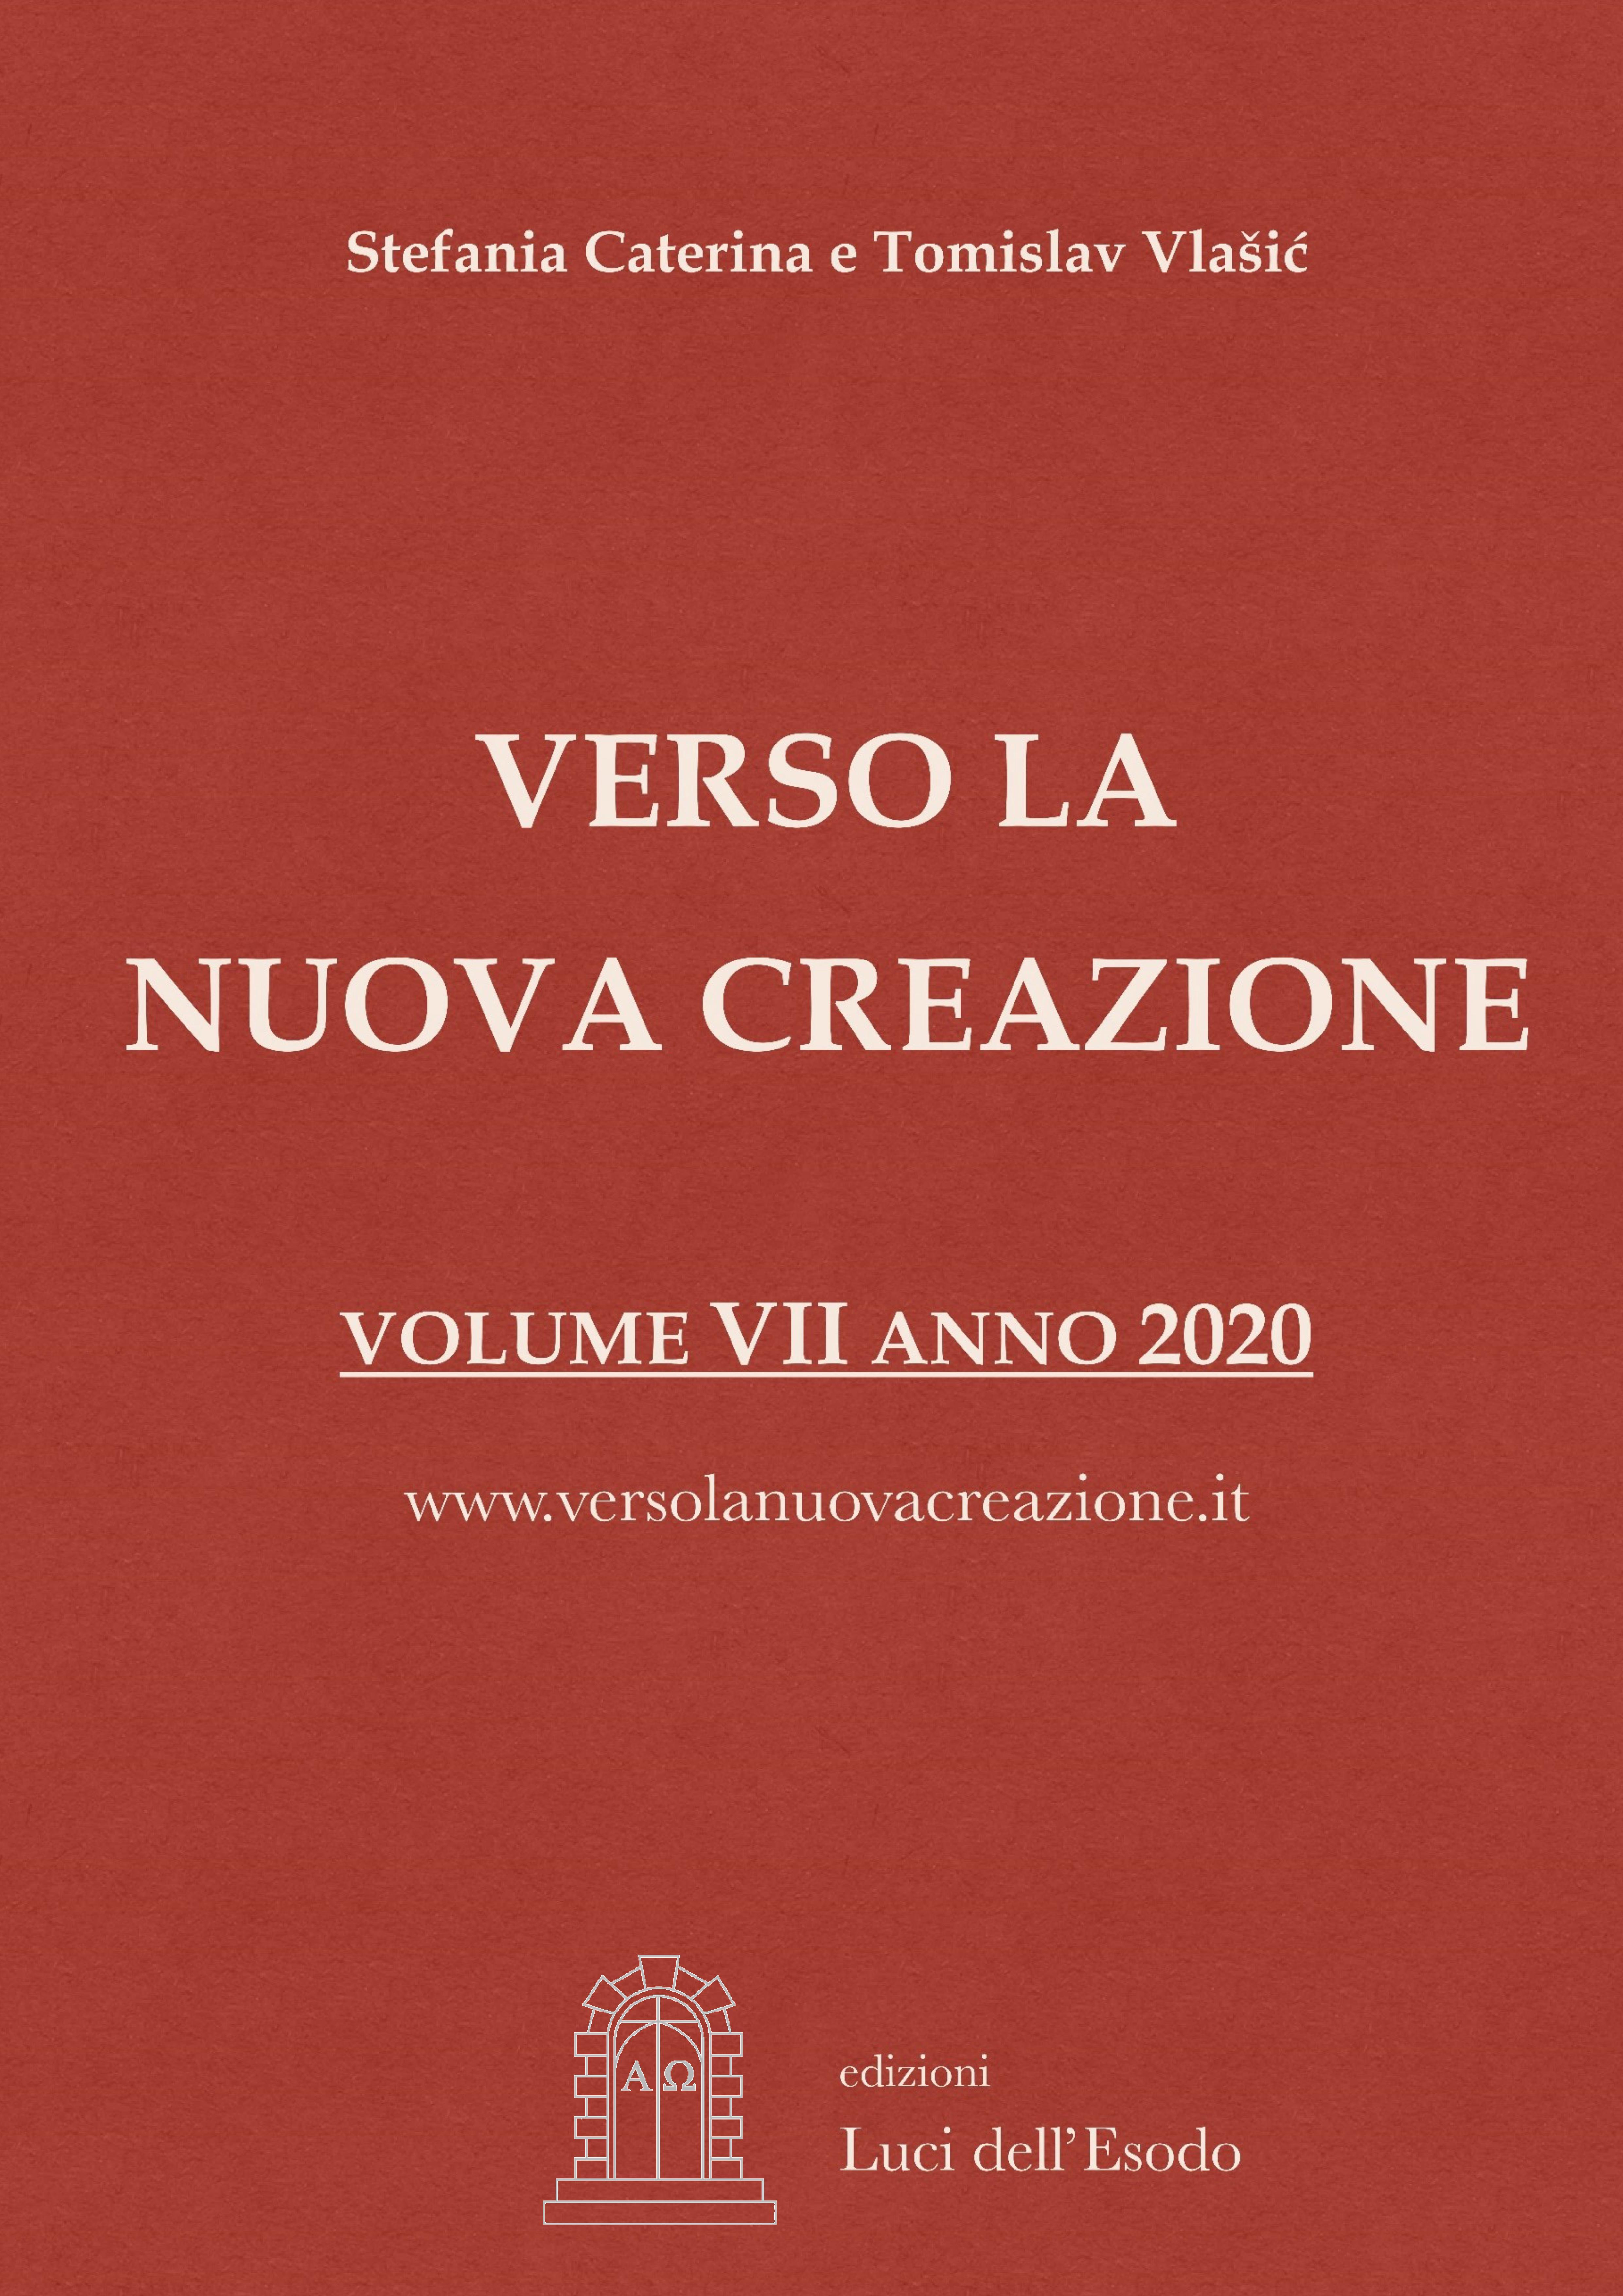 Verso la Nuova Creazione Messaggi 2019 –